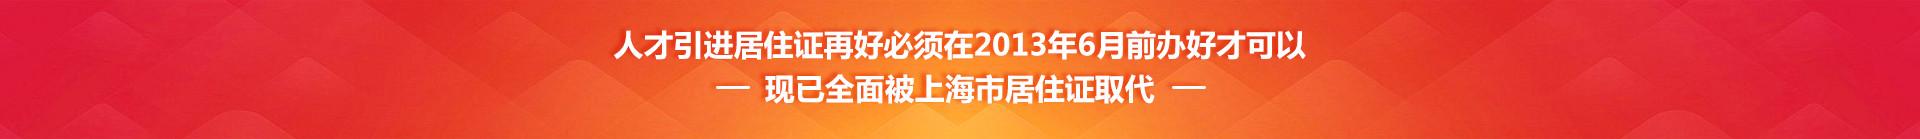 人才引进居住证已经被上海市居住证取代